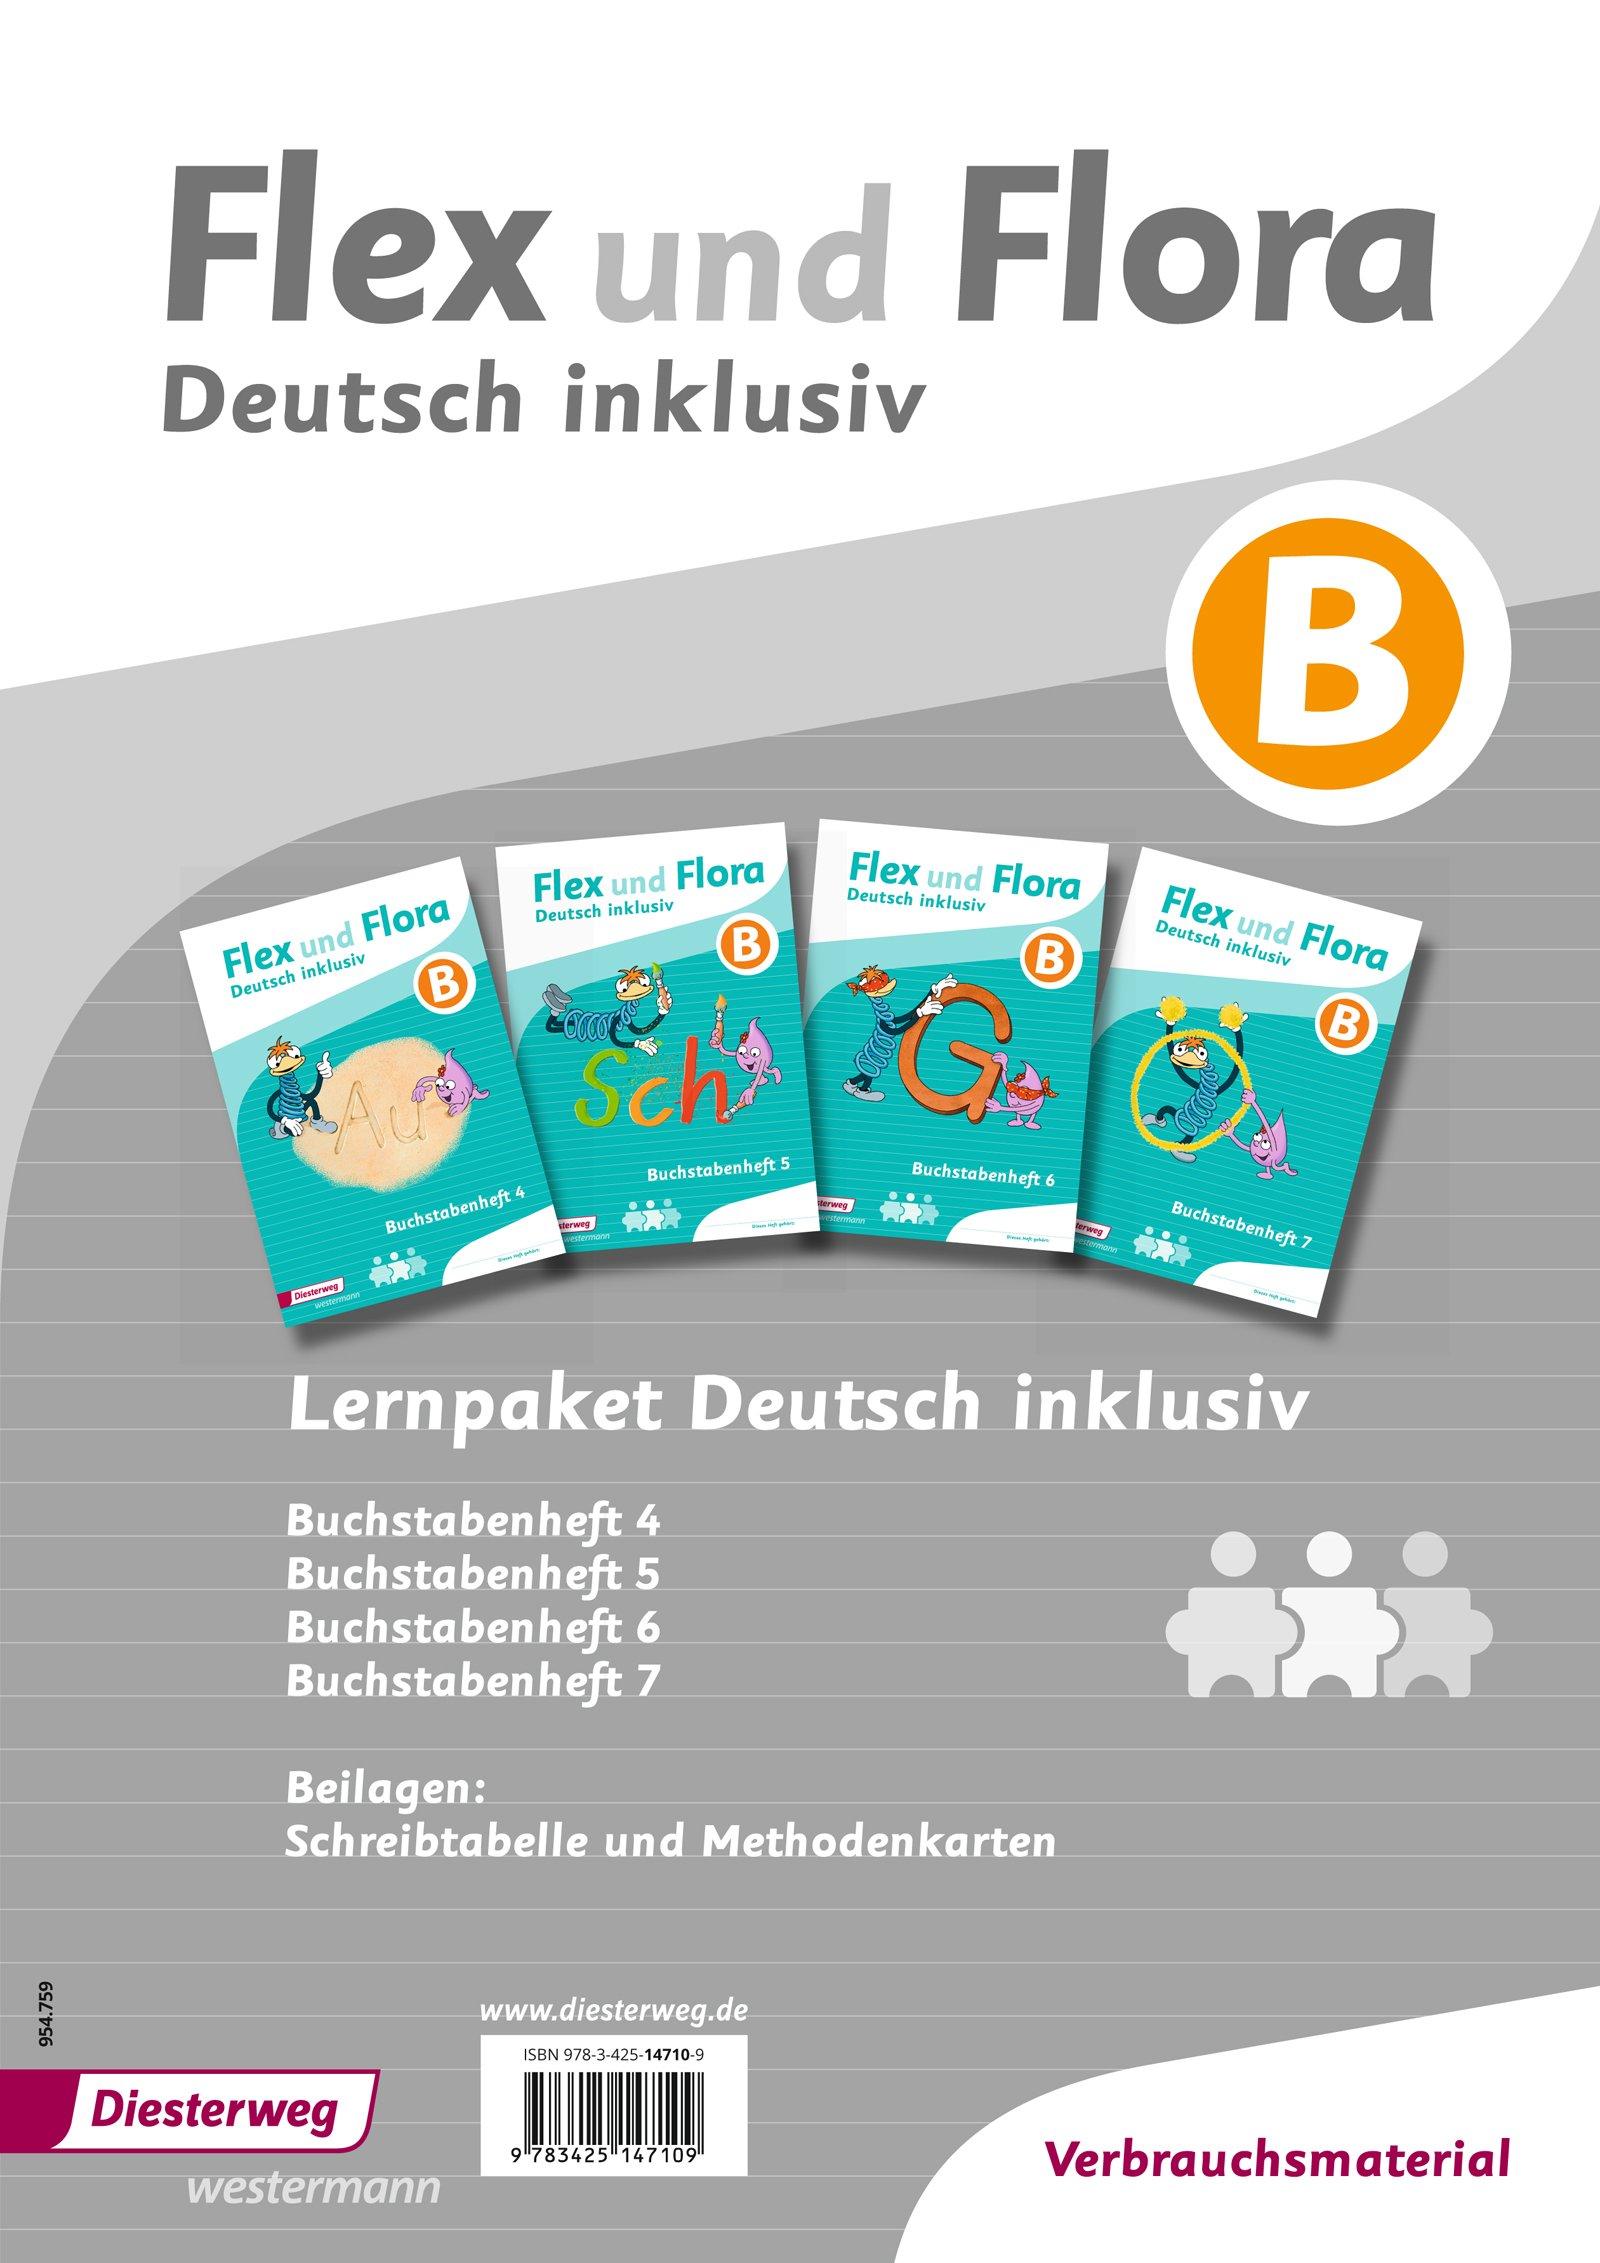 Flex und Flora – Inklusionsausgabe: Deutsch inklusiv Paket B